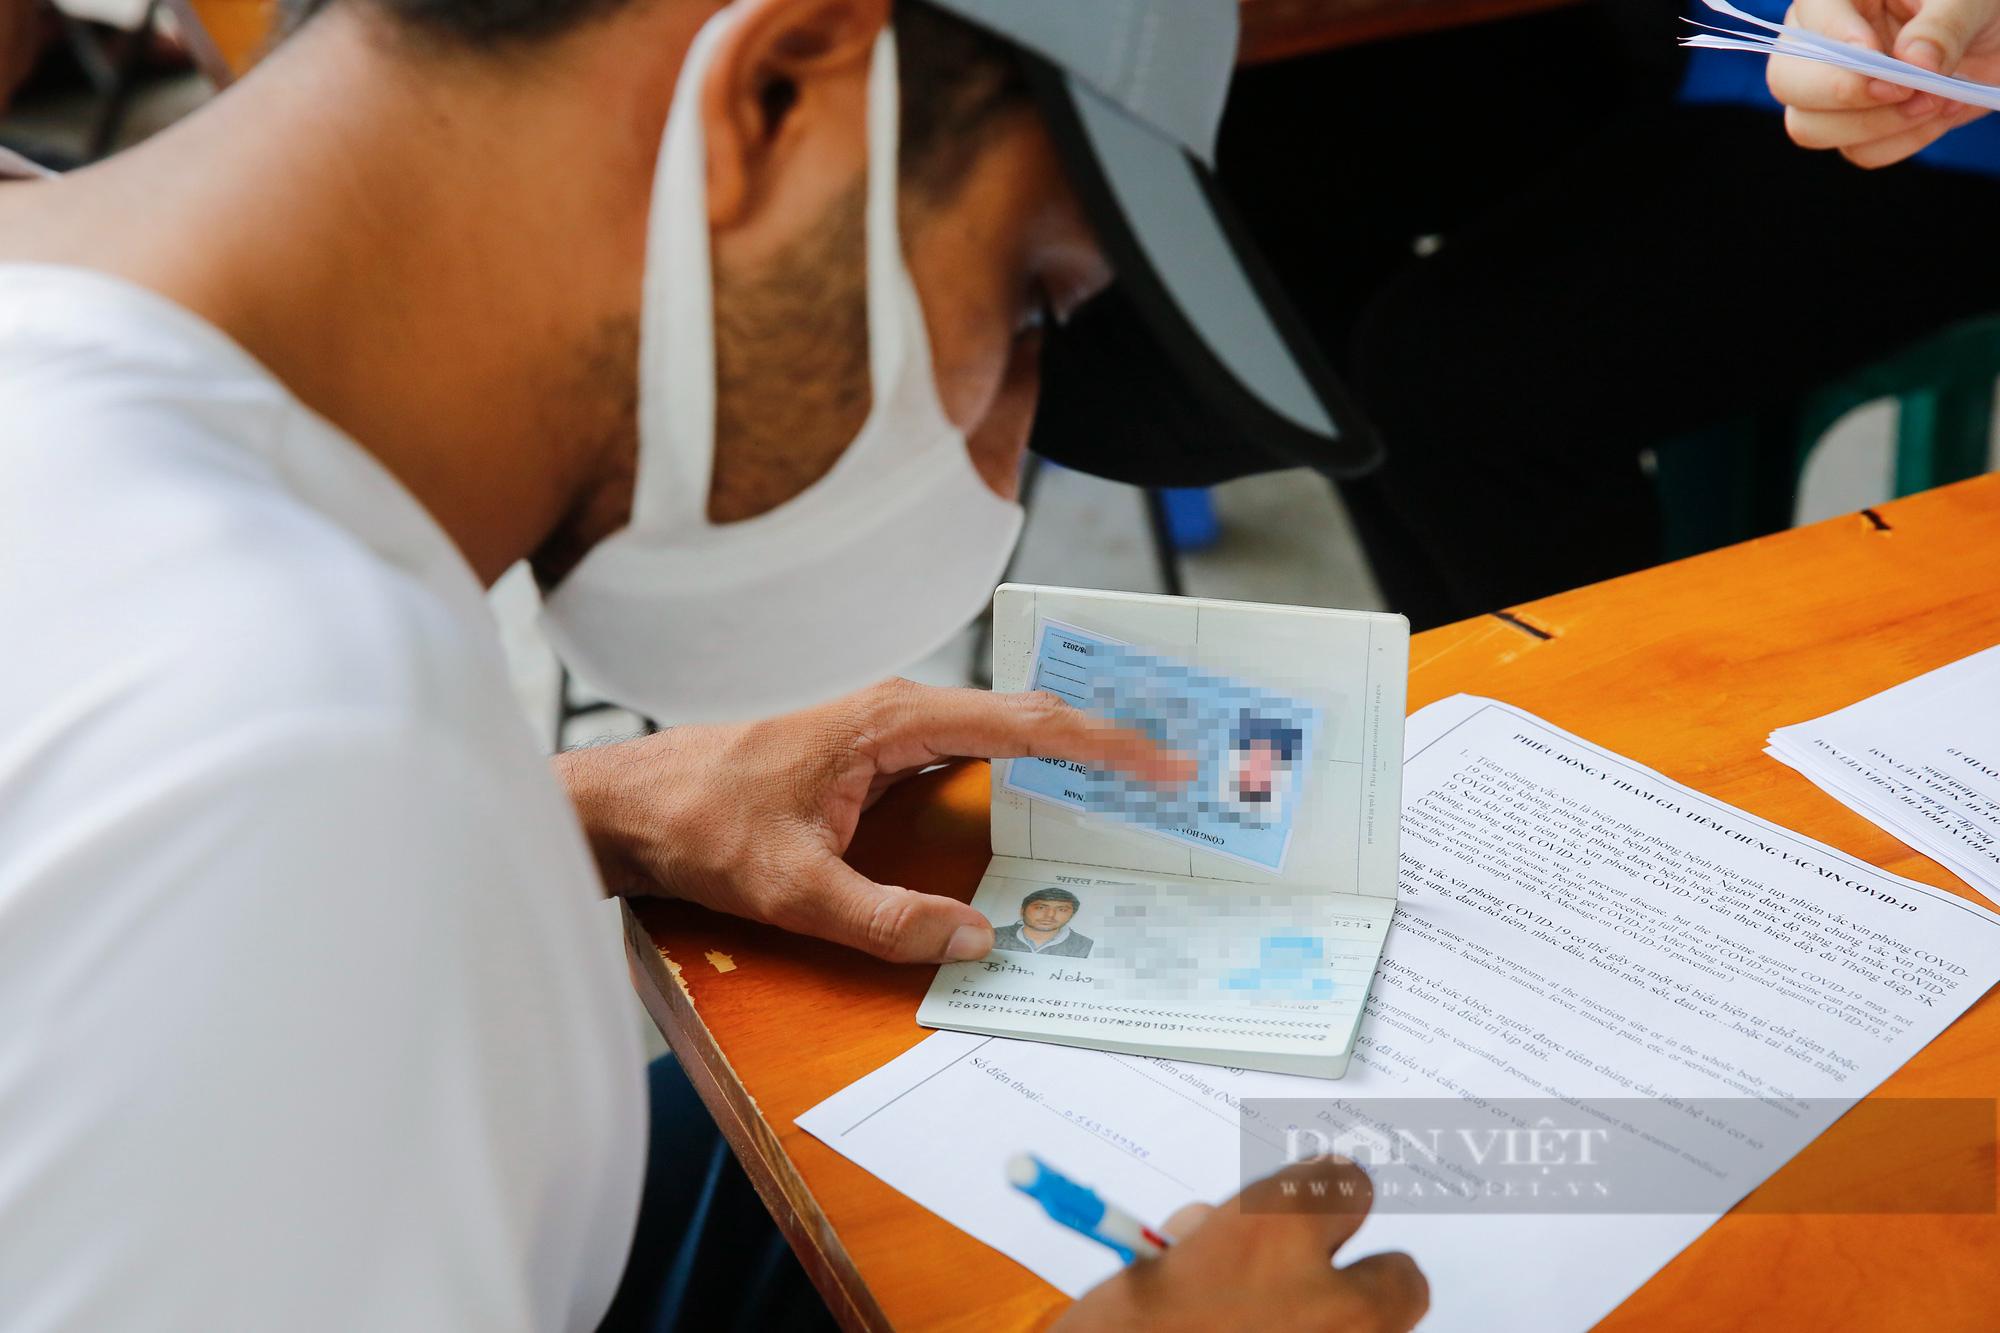 Tiêm vaccine Covid-19 cho hàng trăm người nước ngoài mỗi ngày tại Hà Nội - Ảnh 3.